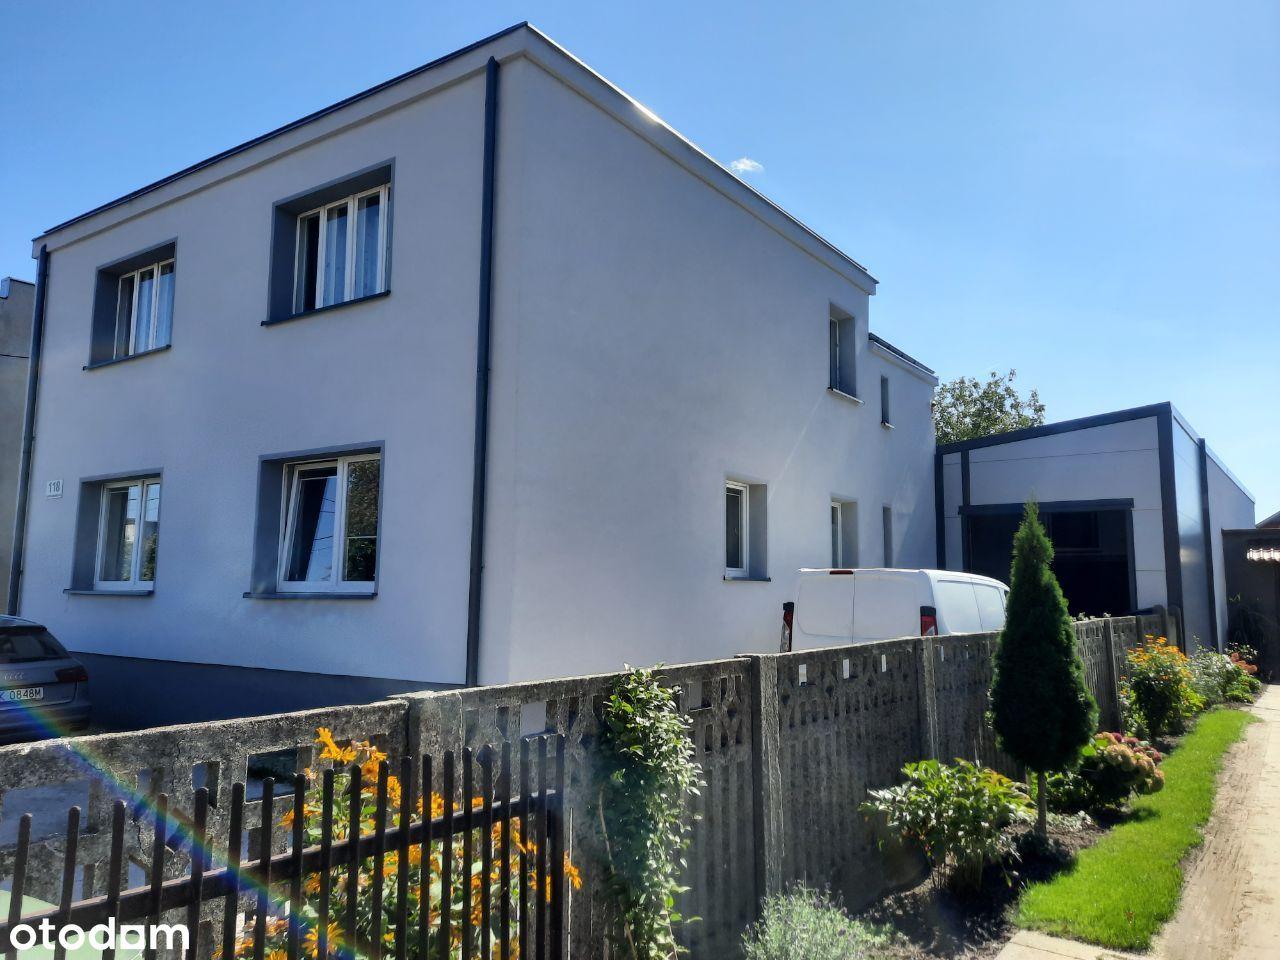 Dom dwa mieszkania lokal użytkowy patio ogródek